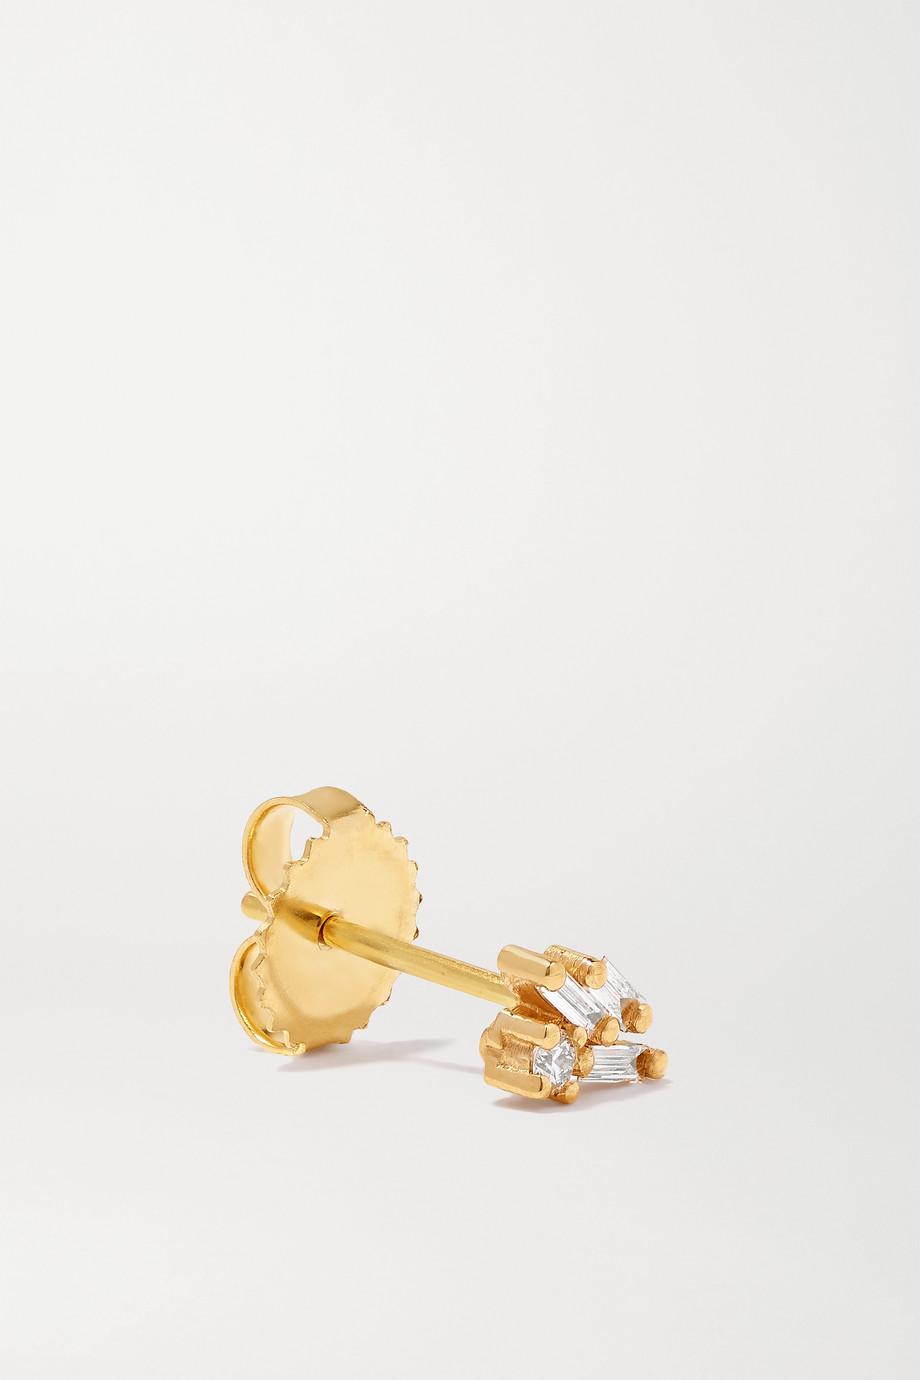 Suzanne Kalan 18K 黄金钻石耳钉